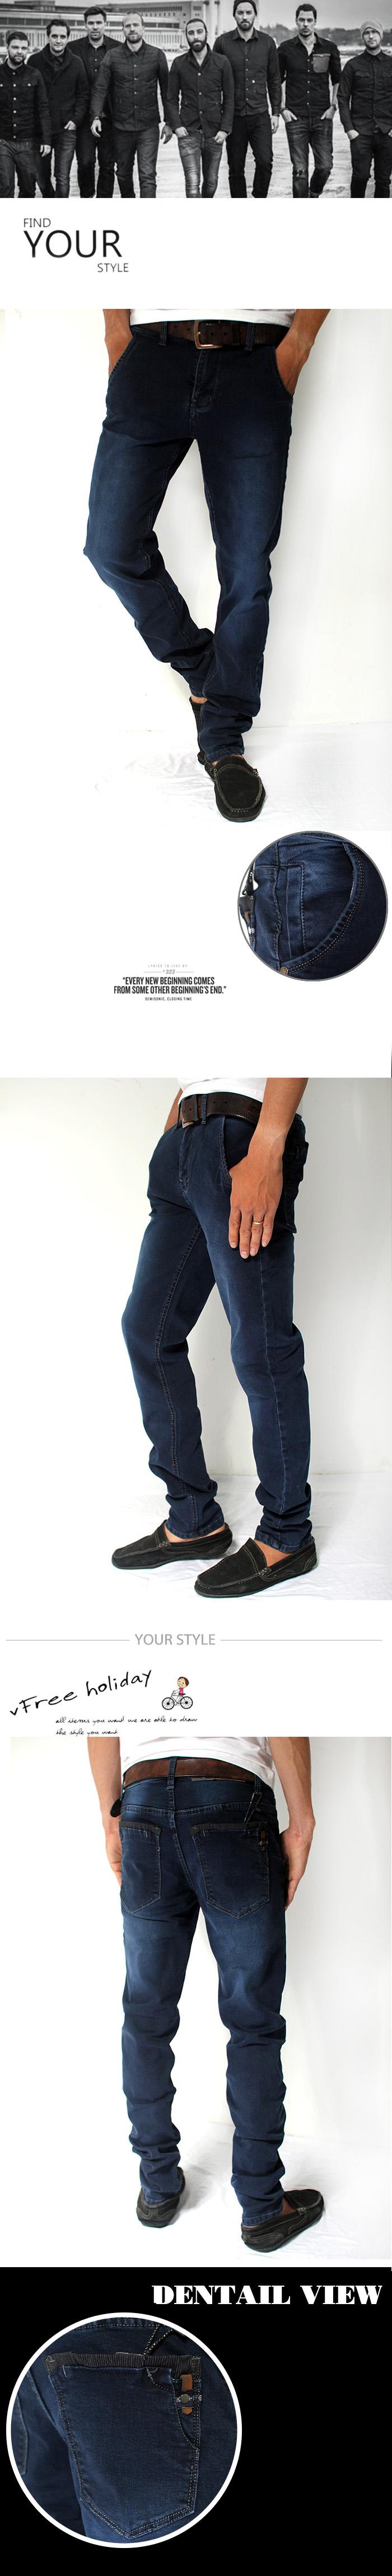 Quần jean xanh đen qj1163 - 1